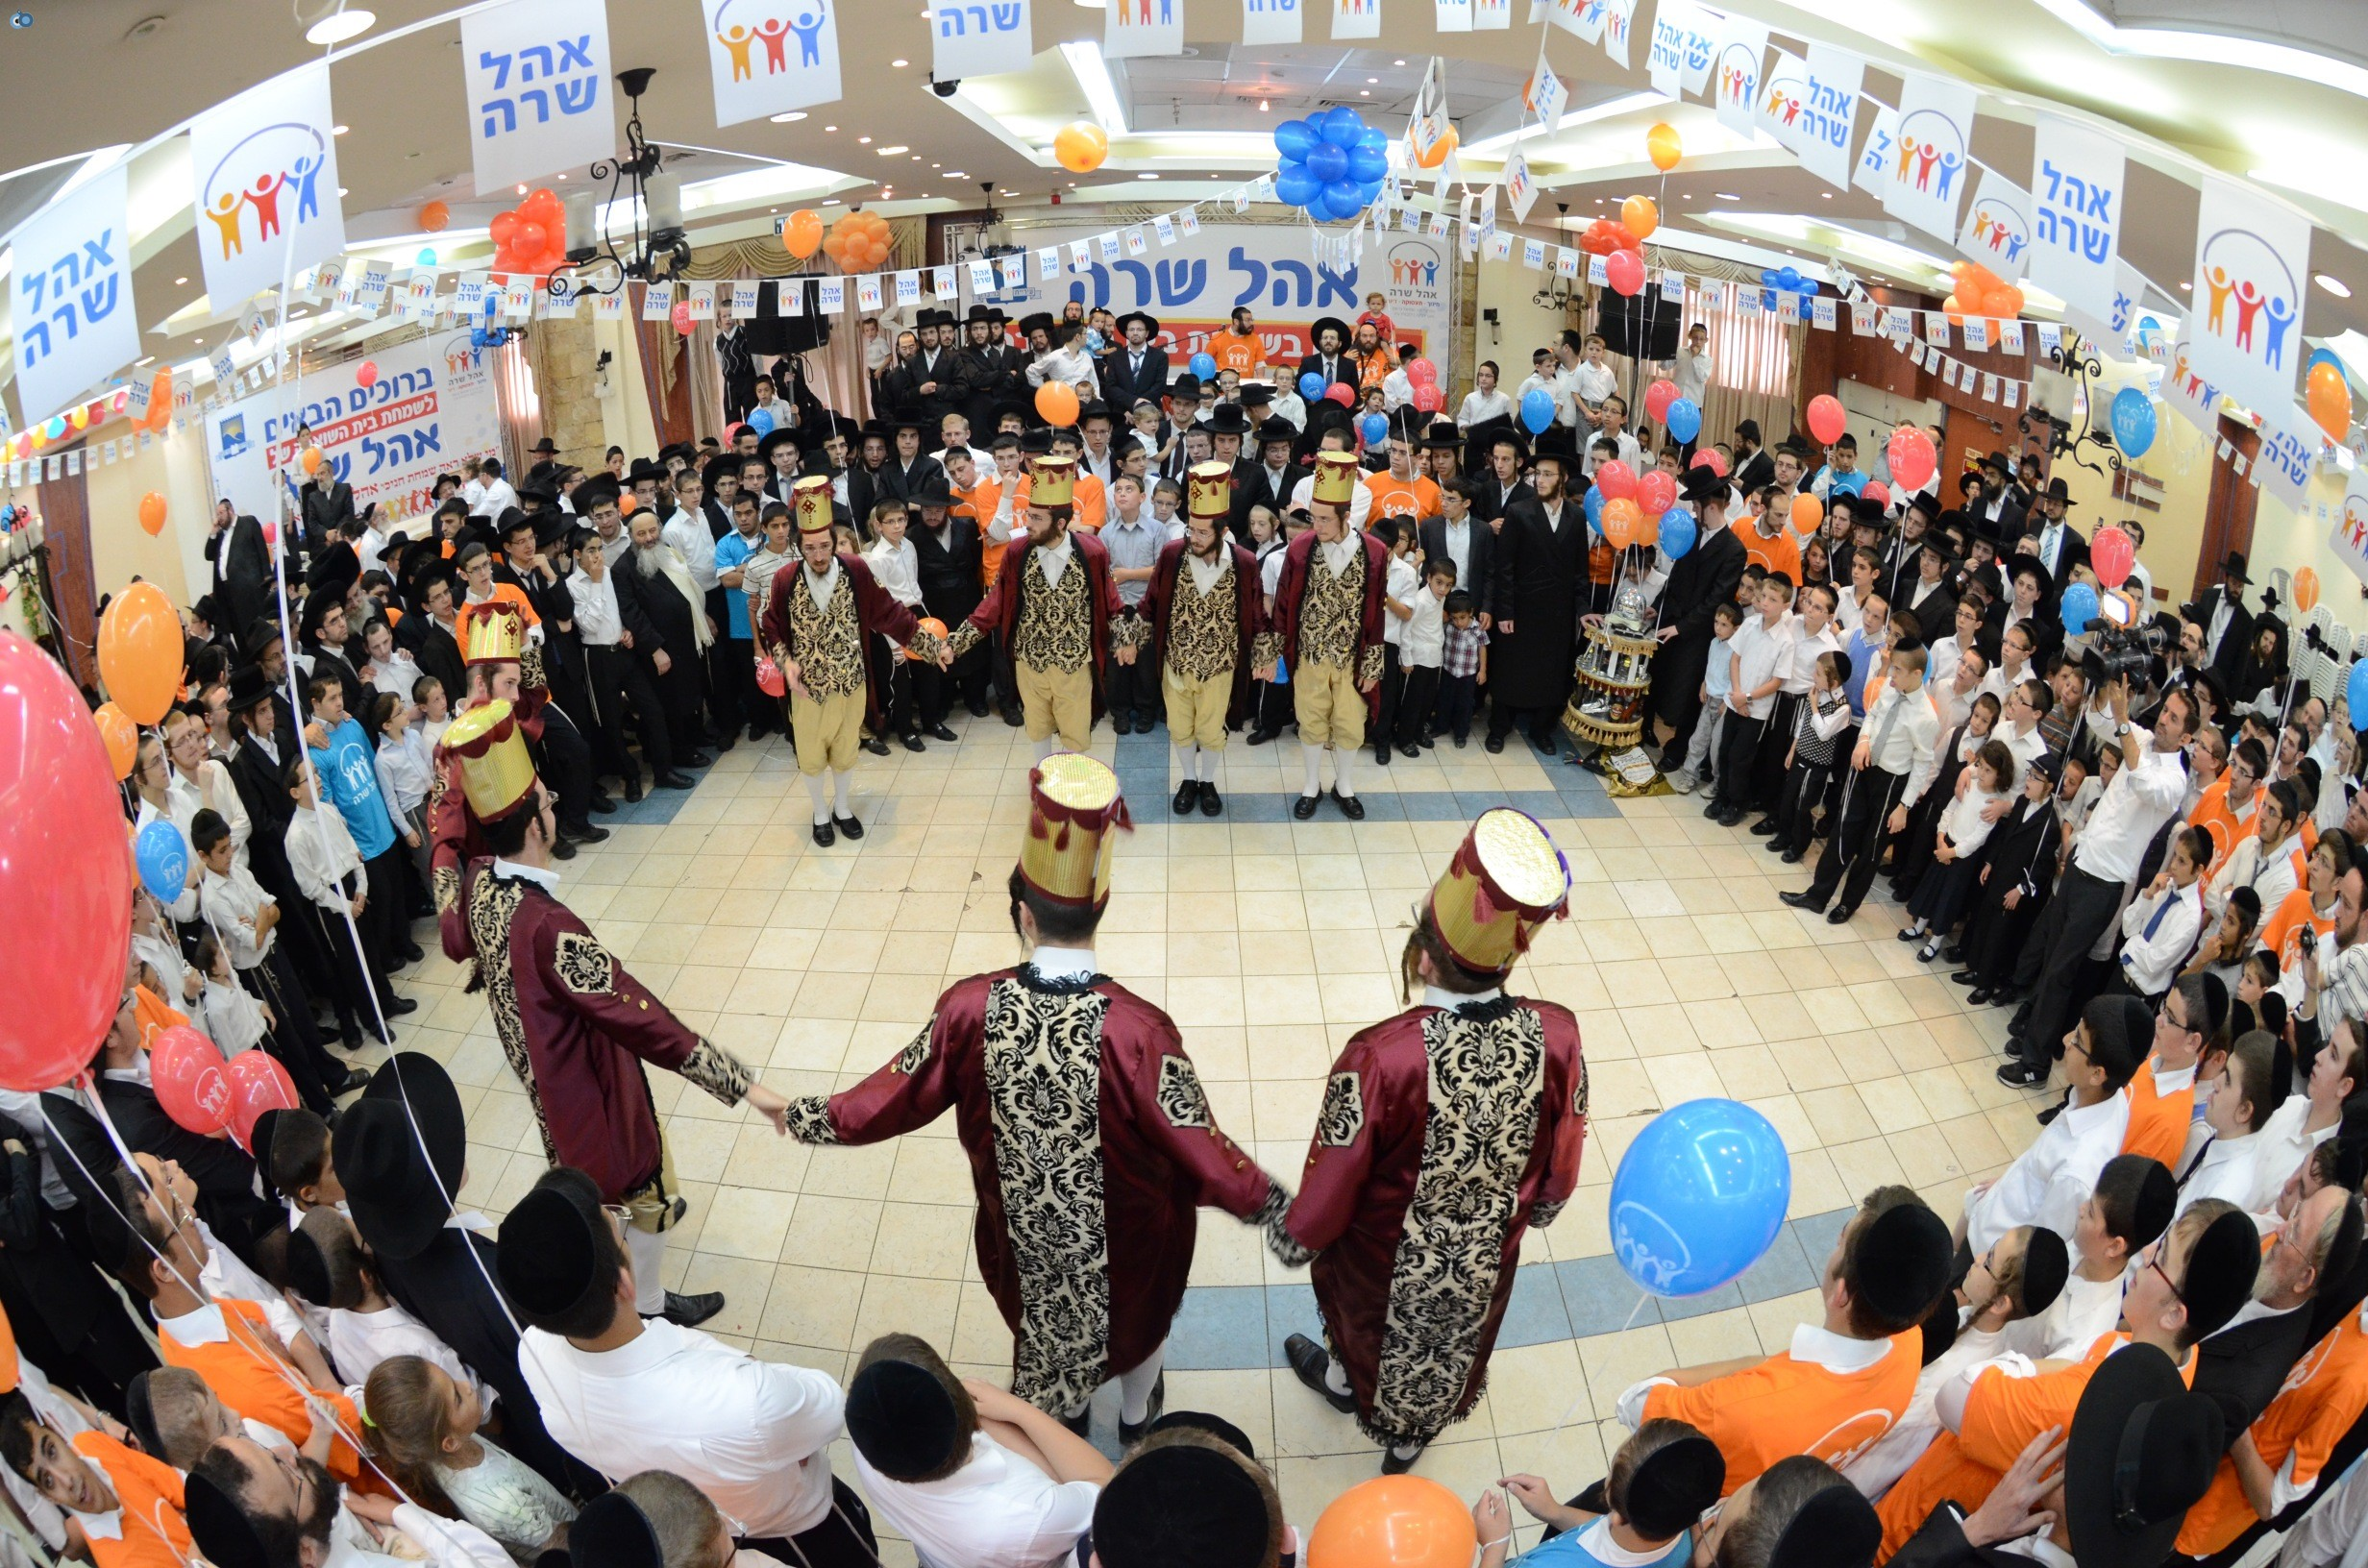 שמחת בית השואבה אהל שרה צילם משה גולדשטיין עם אישי ציבור וזמרים (1)